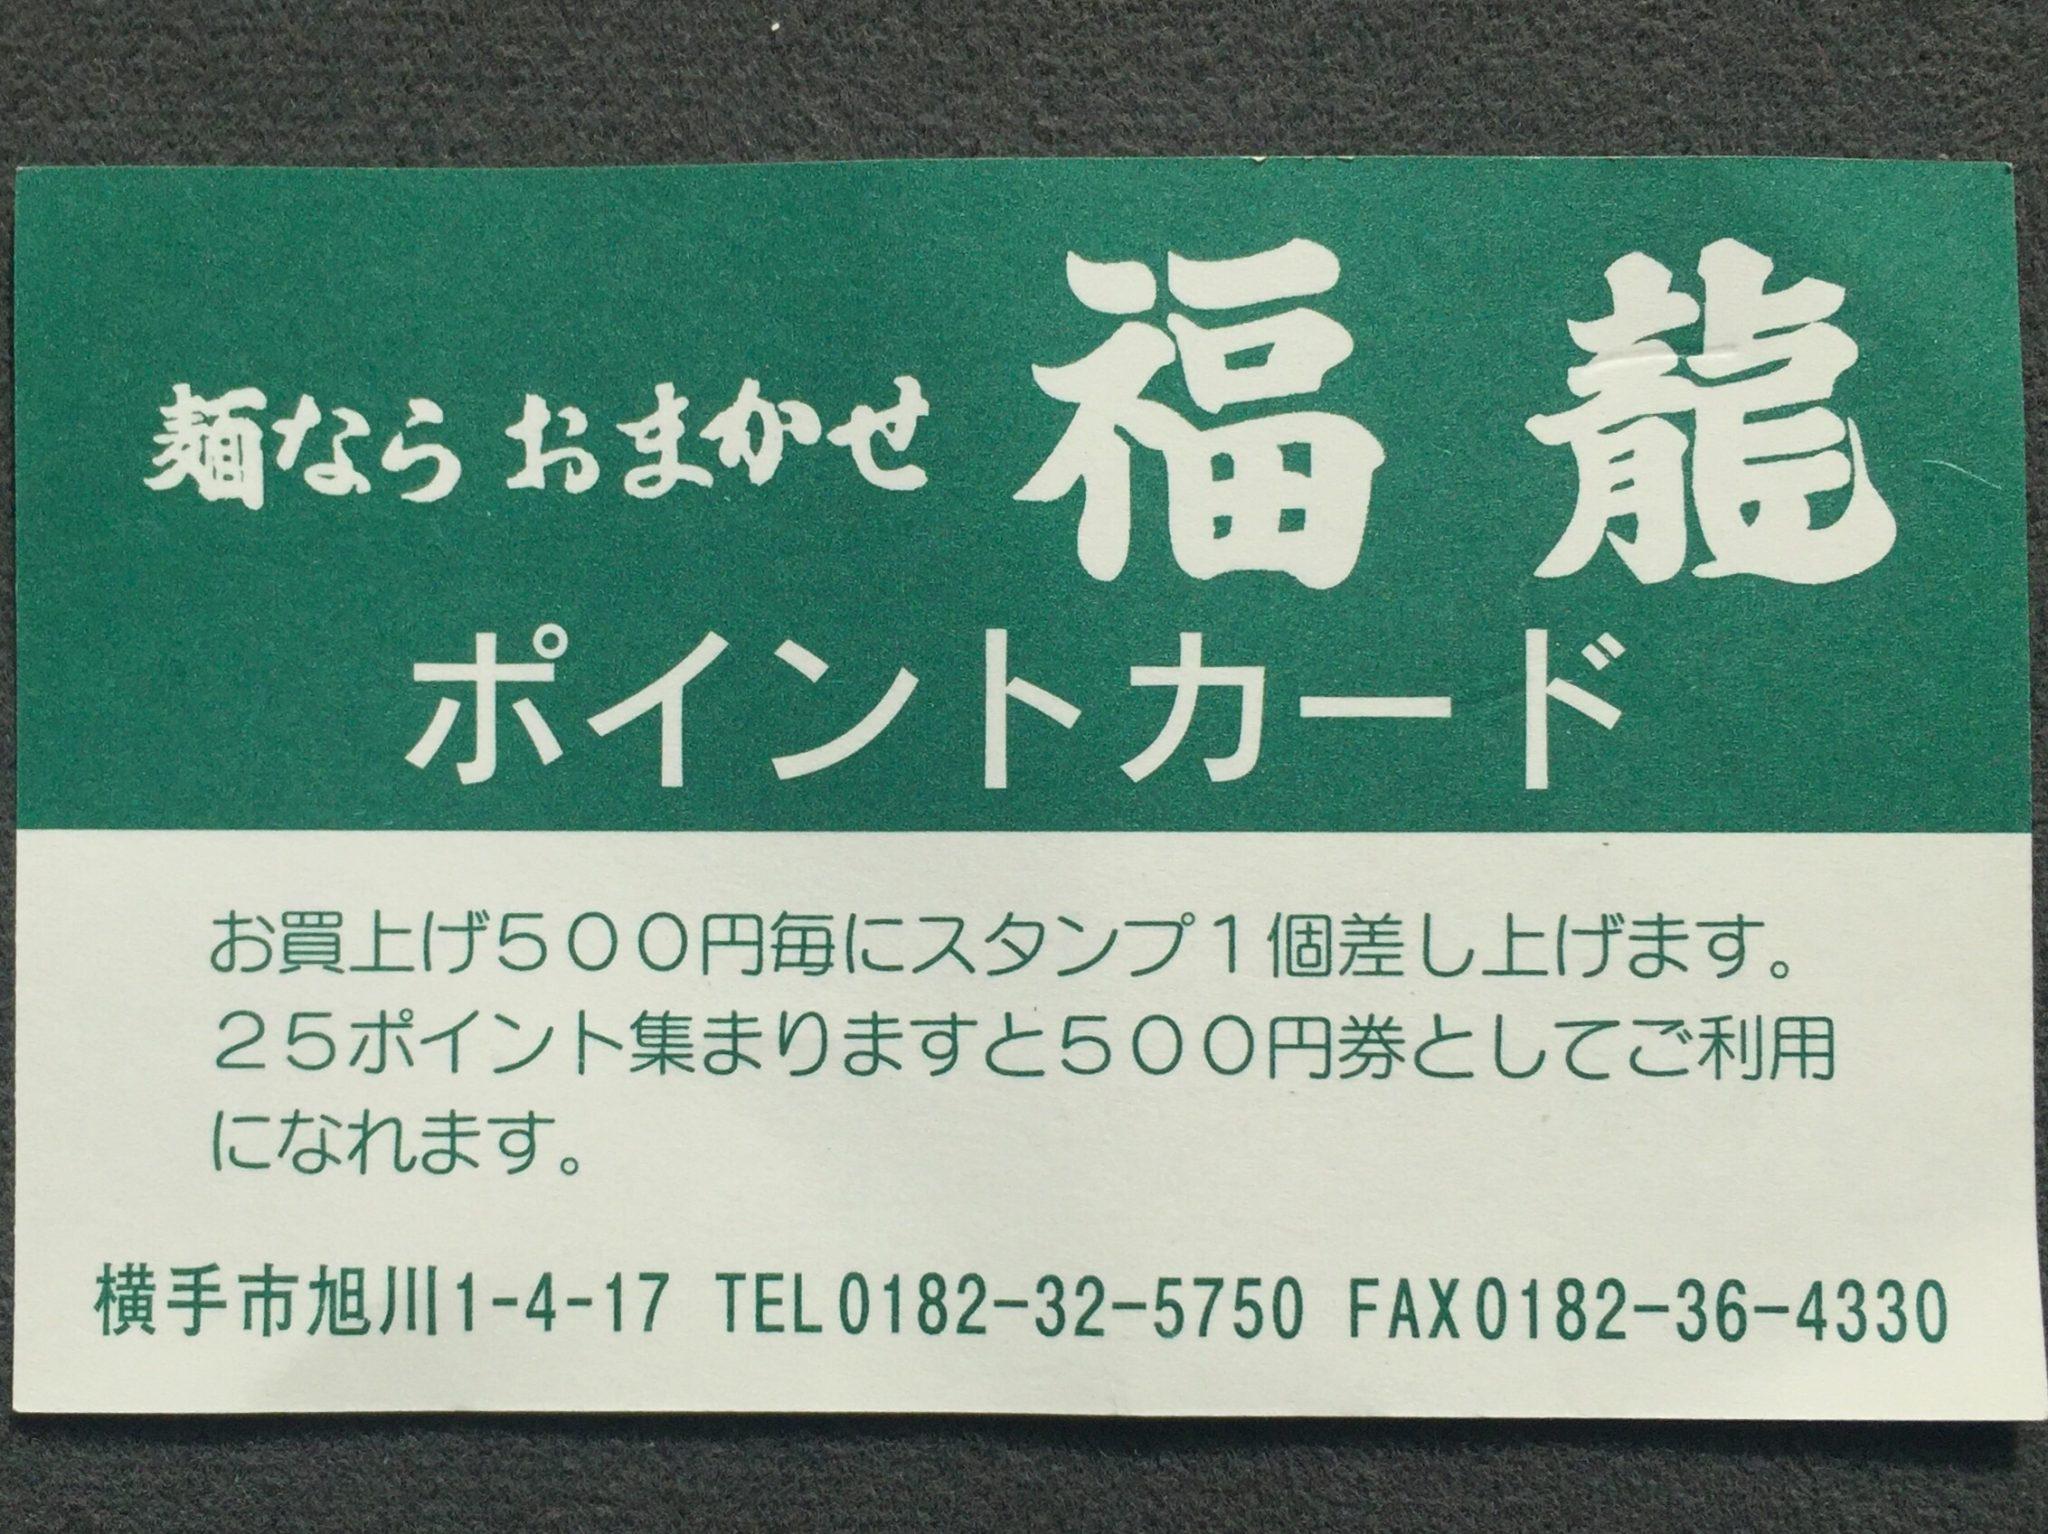 麺ならおまかせ 福龍 ポイントカード